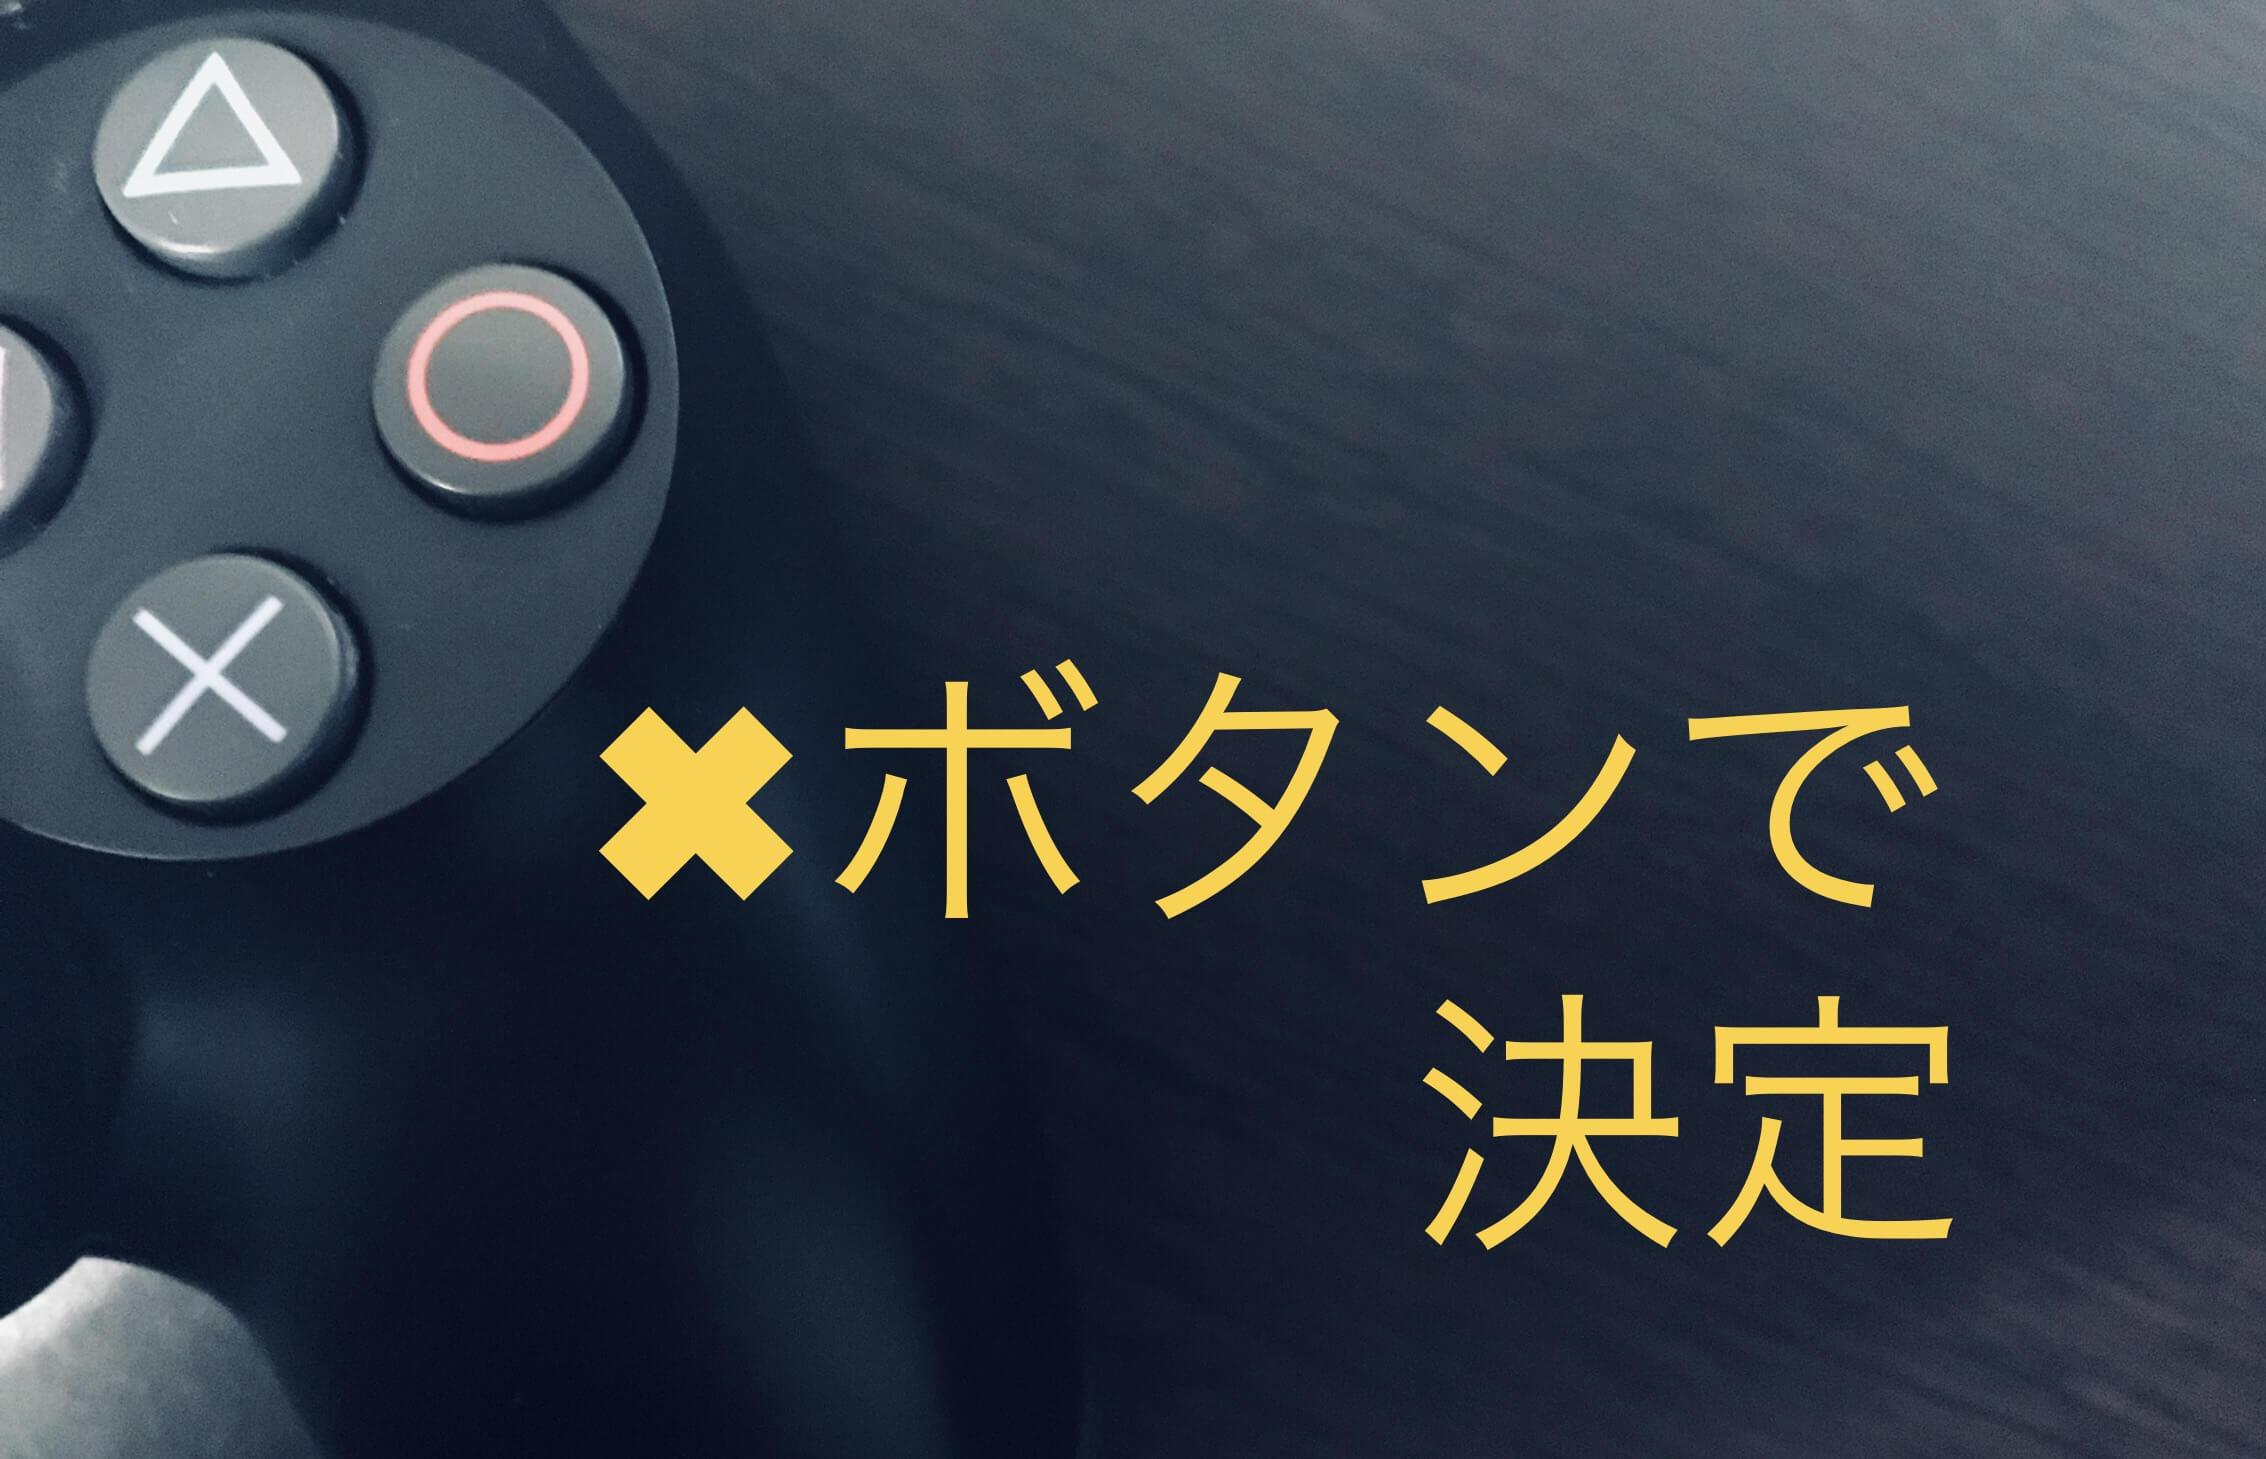 PS4の決定ボタンを丸ボタンからバツボタンに変更する方法